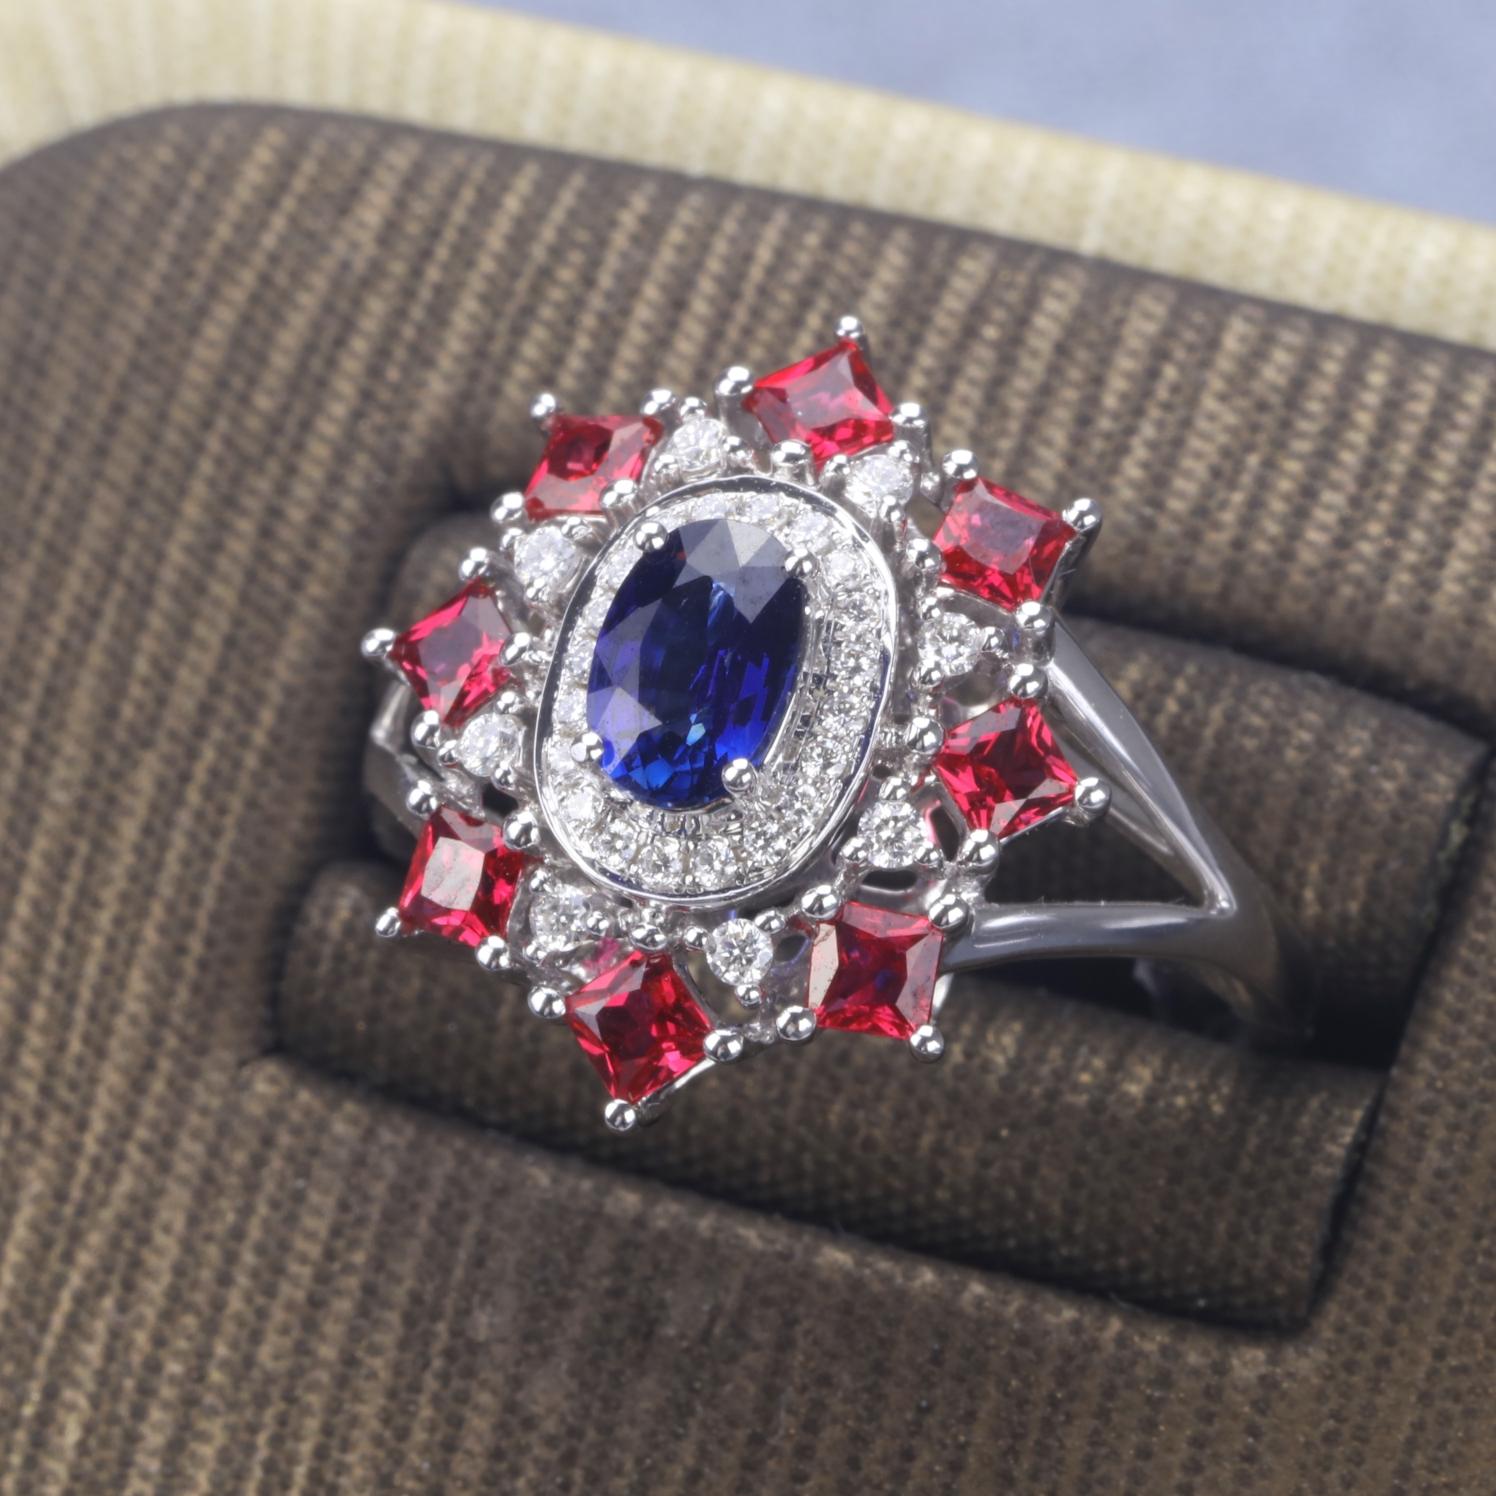 【戒指】18k金+蓝宝石+红宝石+钻石  宝石颜色纯正 货重:4.07g  蓝宝石:0.58ct